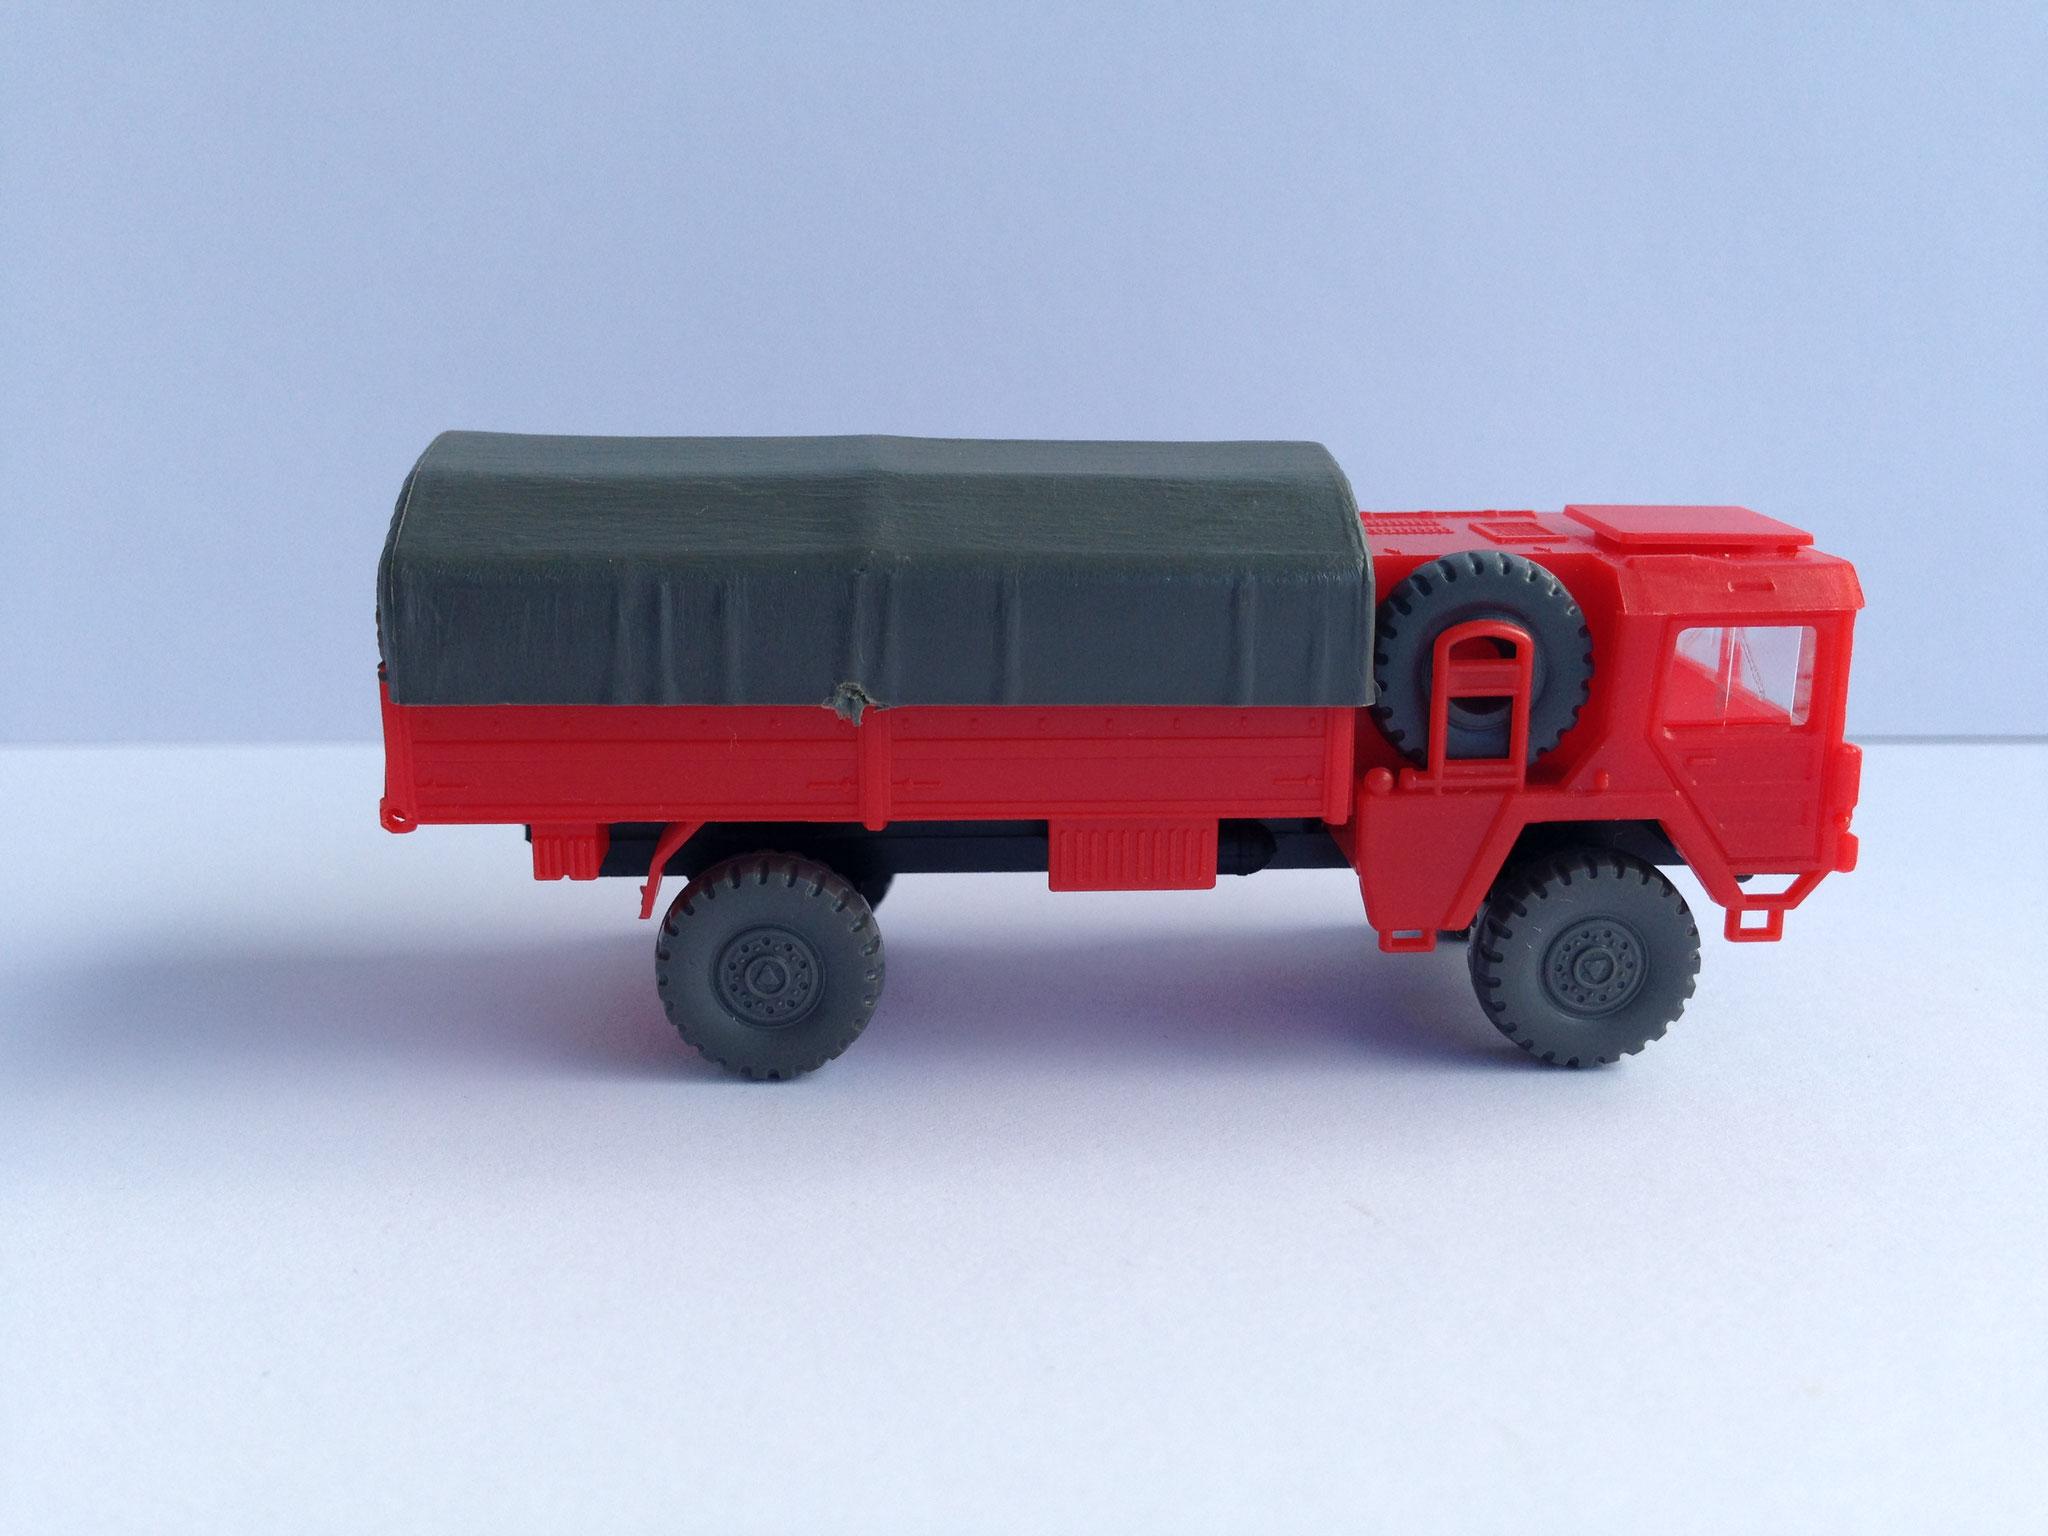 MAN 2-achsig, 5 t, Ausführung Feuerwehr, Art. Nr. 207 (ab 1981/82 im Programm)